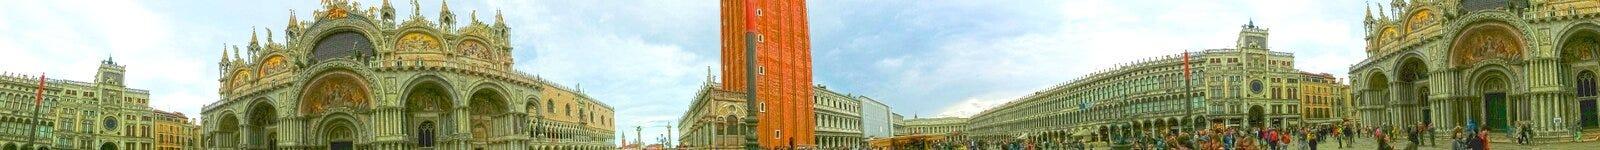 Venecia, Italia - 4 de mayo de 2017: Cuadrado del ` s de la plaza San Marco, o de St Mark, con la torre de reloj antigua Ésta es  Imágenes de archivo libres de regalías